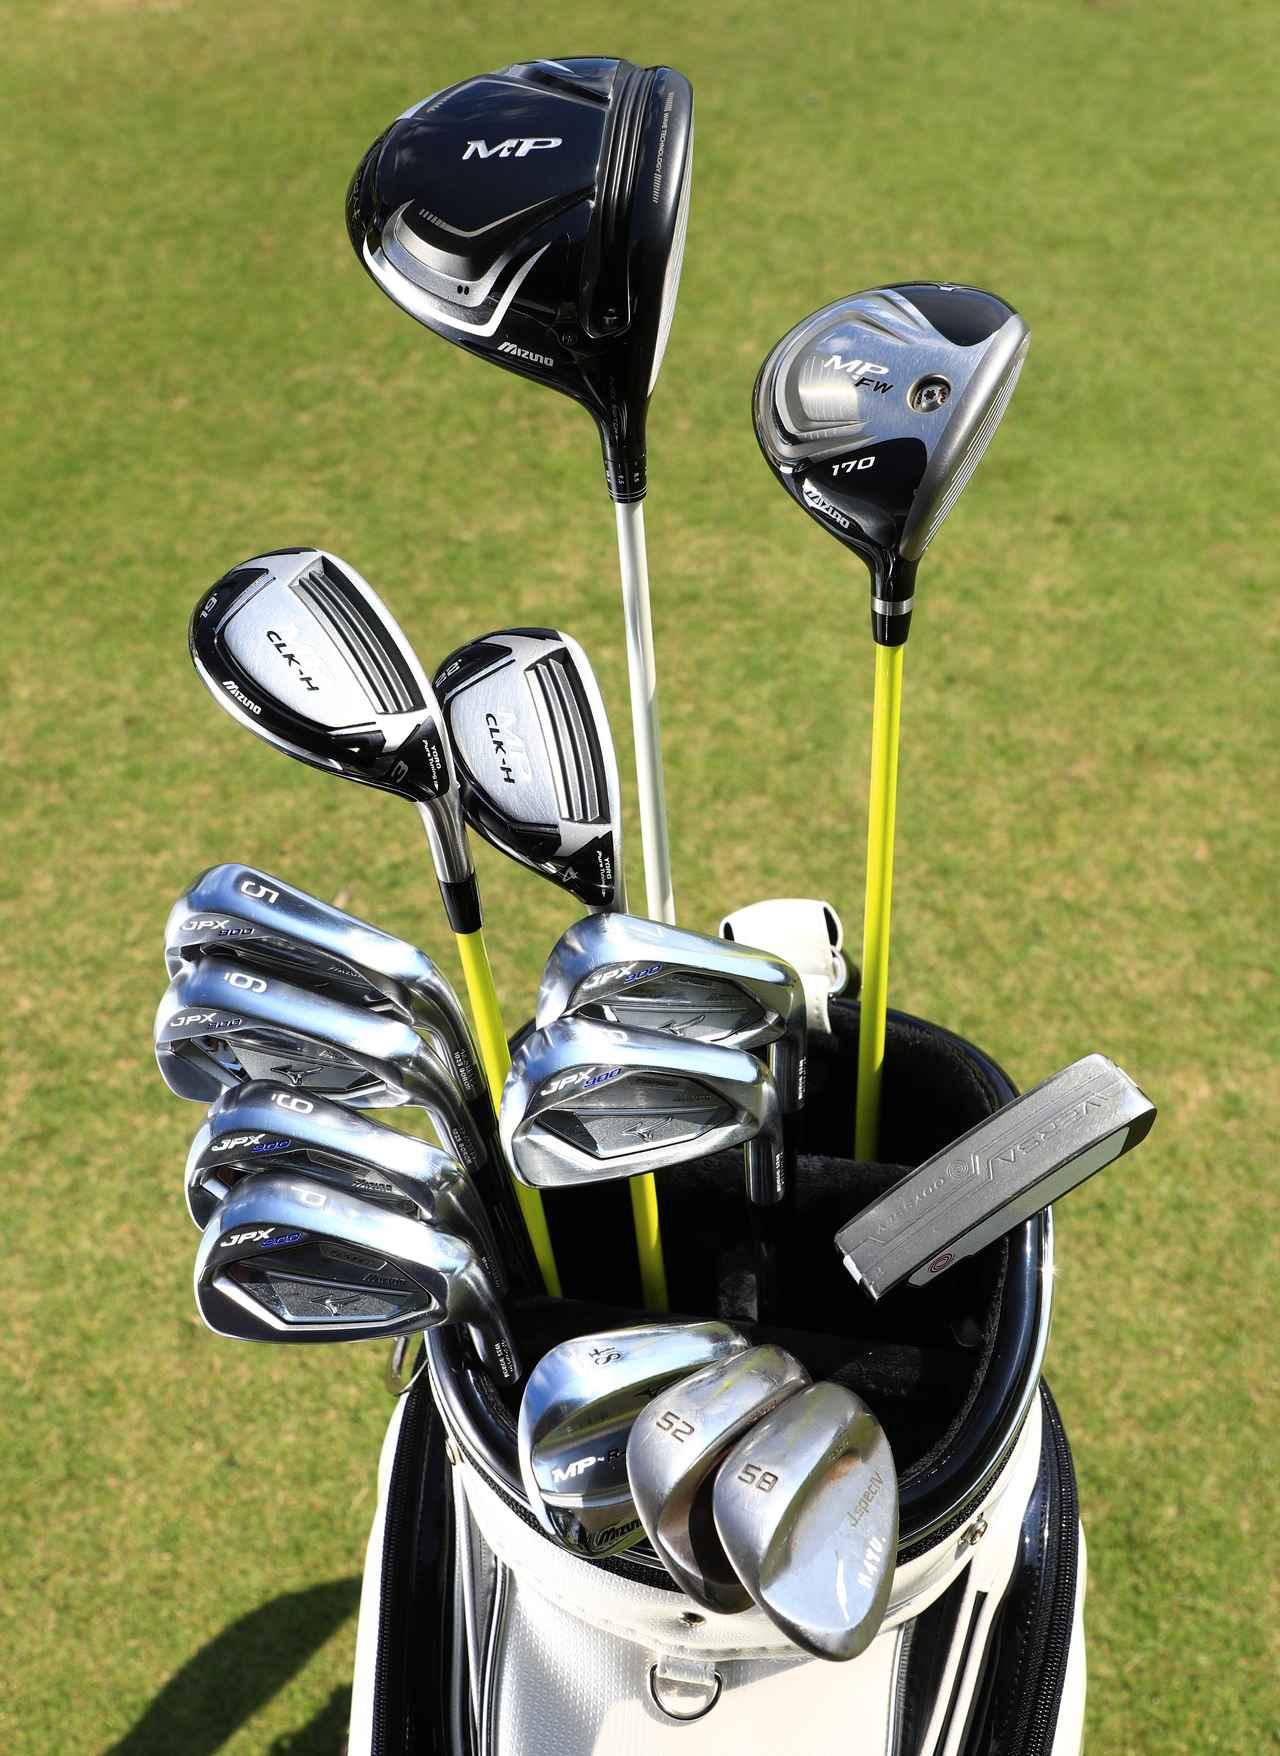 画像: 「より高い精度を求めてシーズン途中にヘッドとシャフトを一新!」服部真夕の14本 - みんなのゴルフダイジェスト